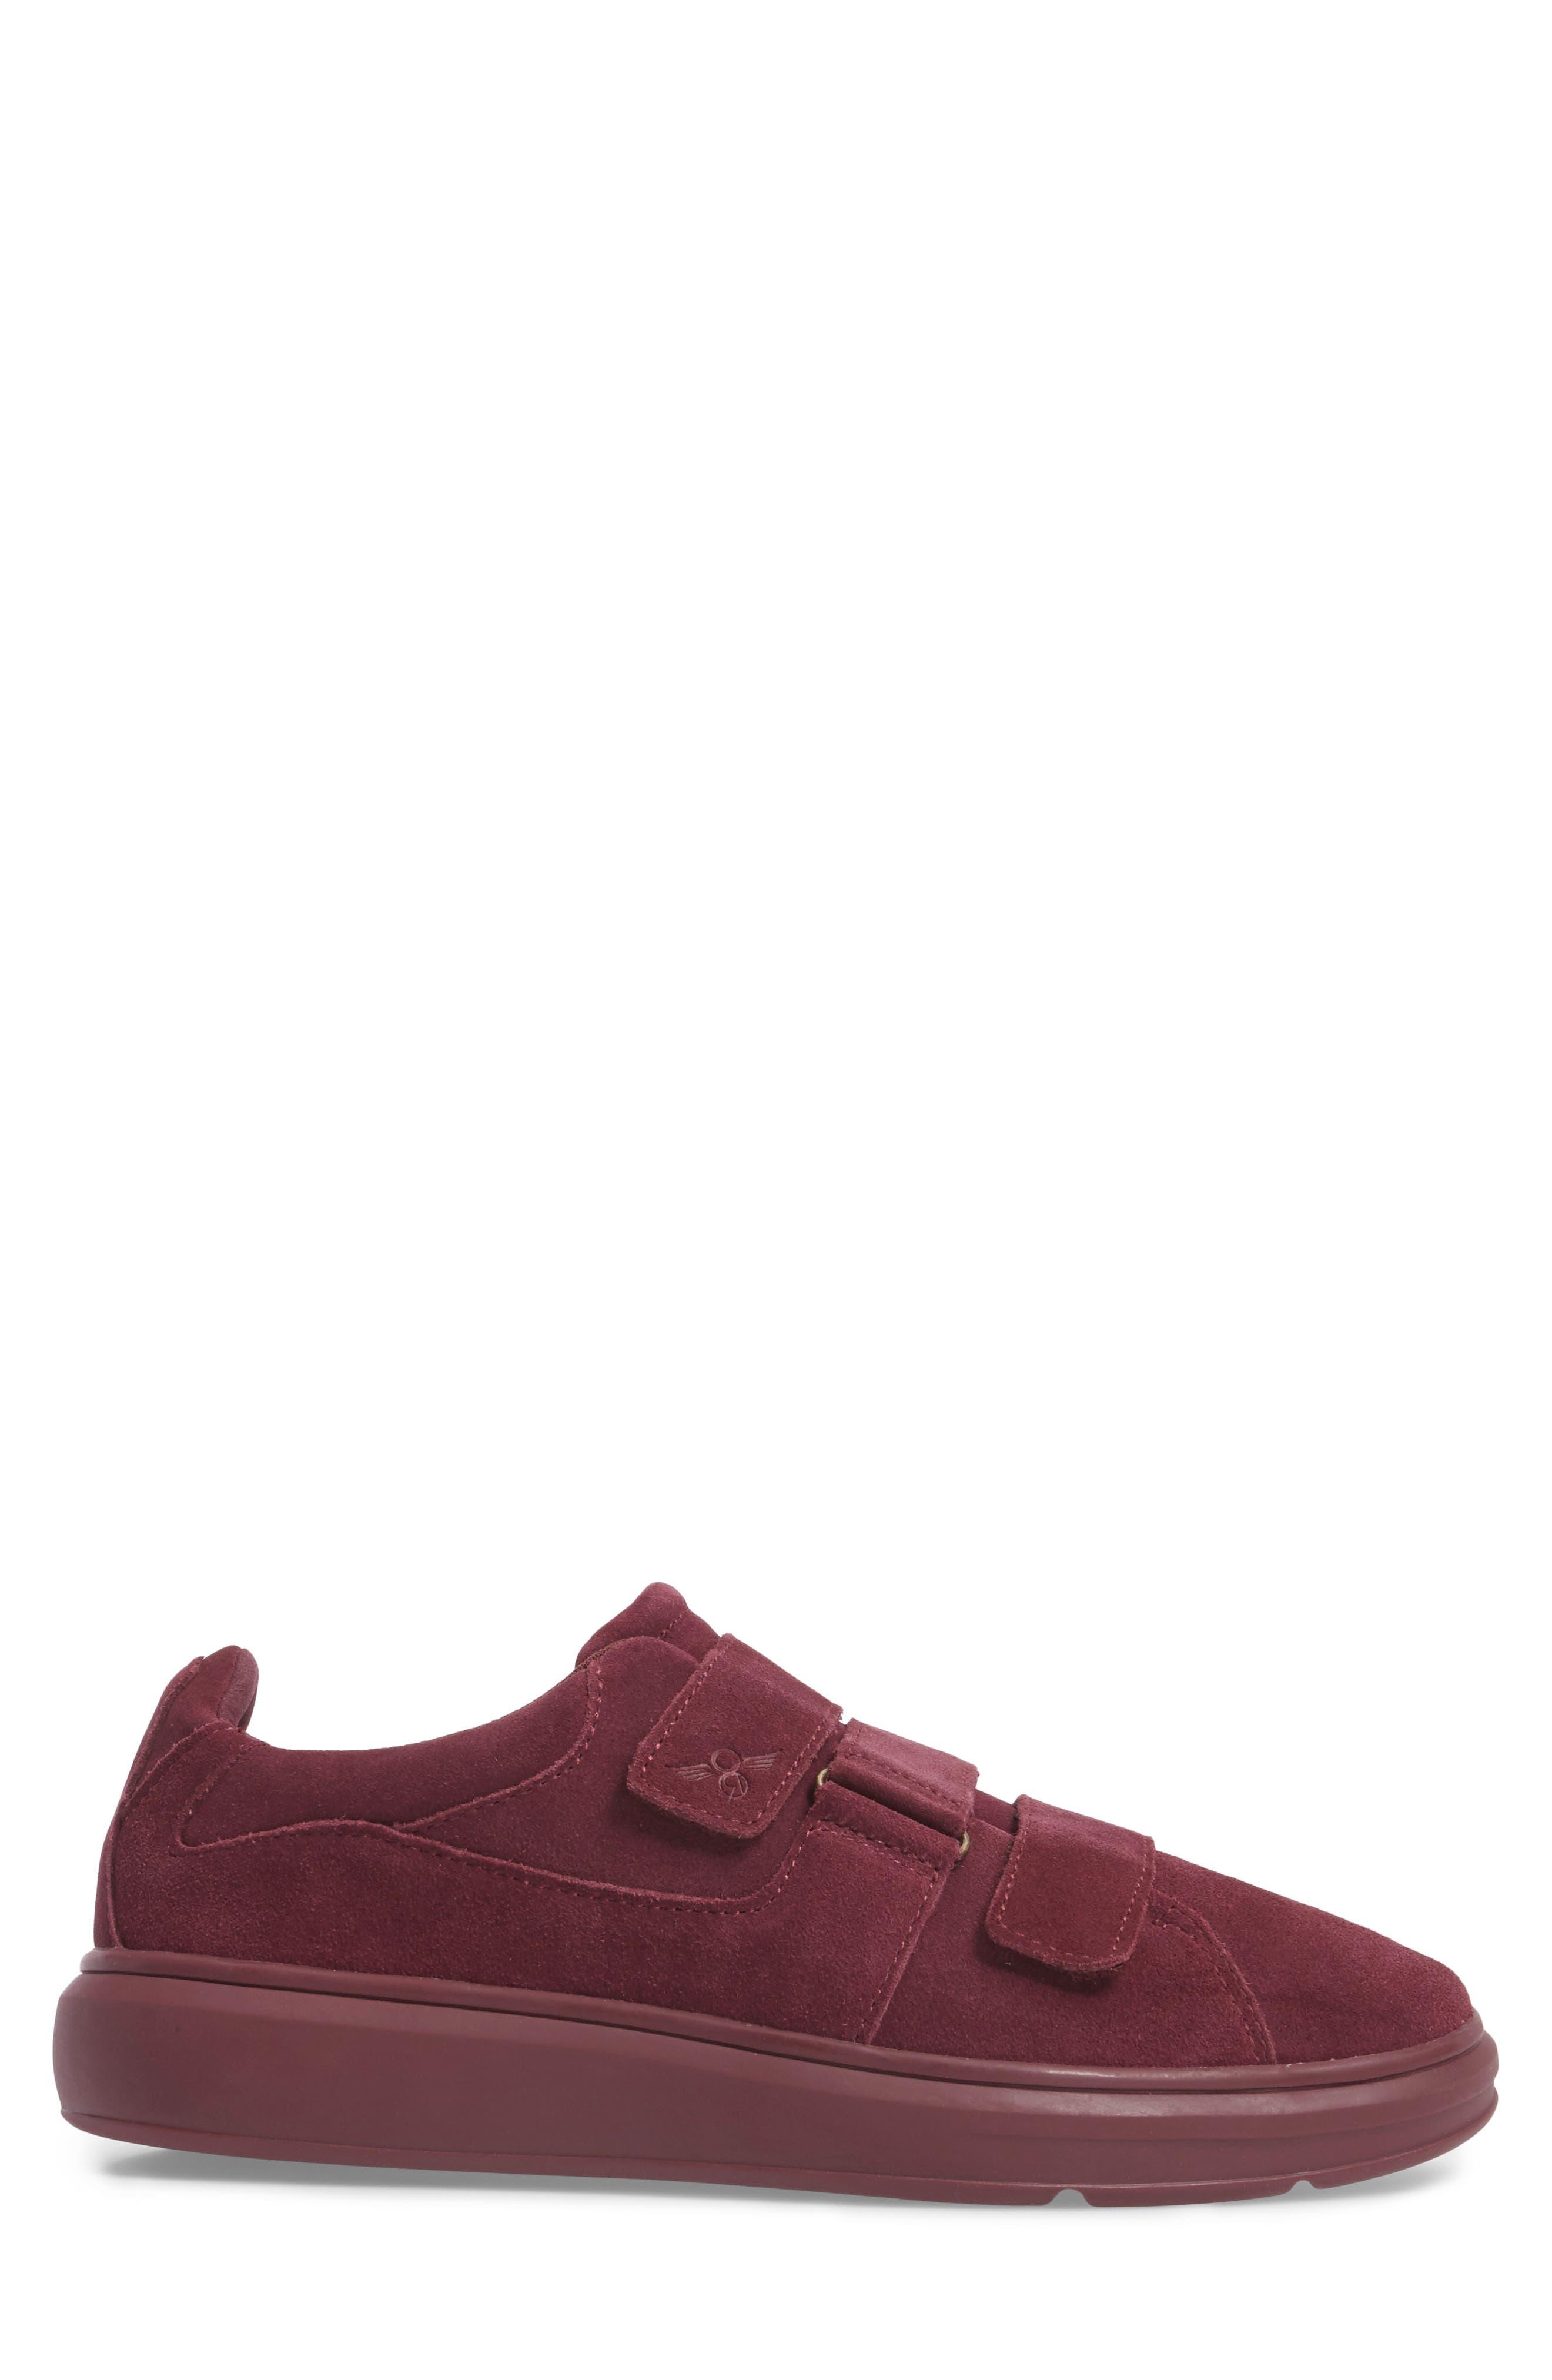 Meleti Sneaker,                             Alternate thumbnail 3, color,                             Dark Burgundy Leather